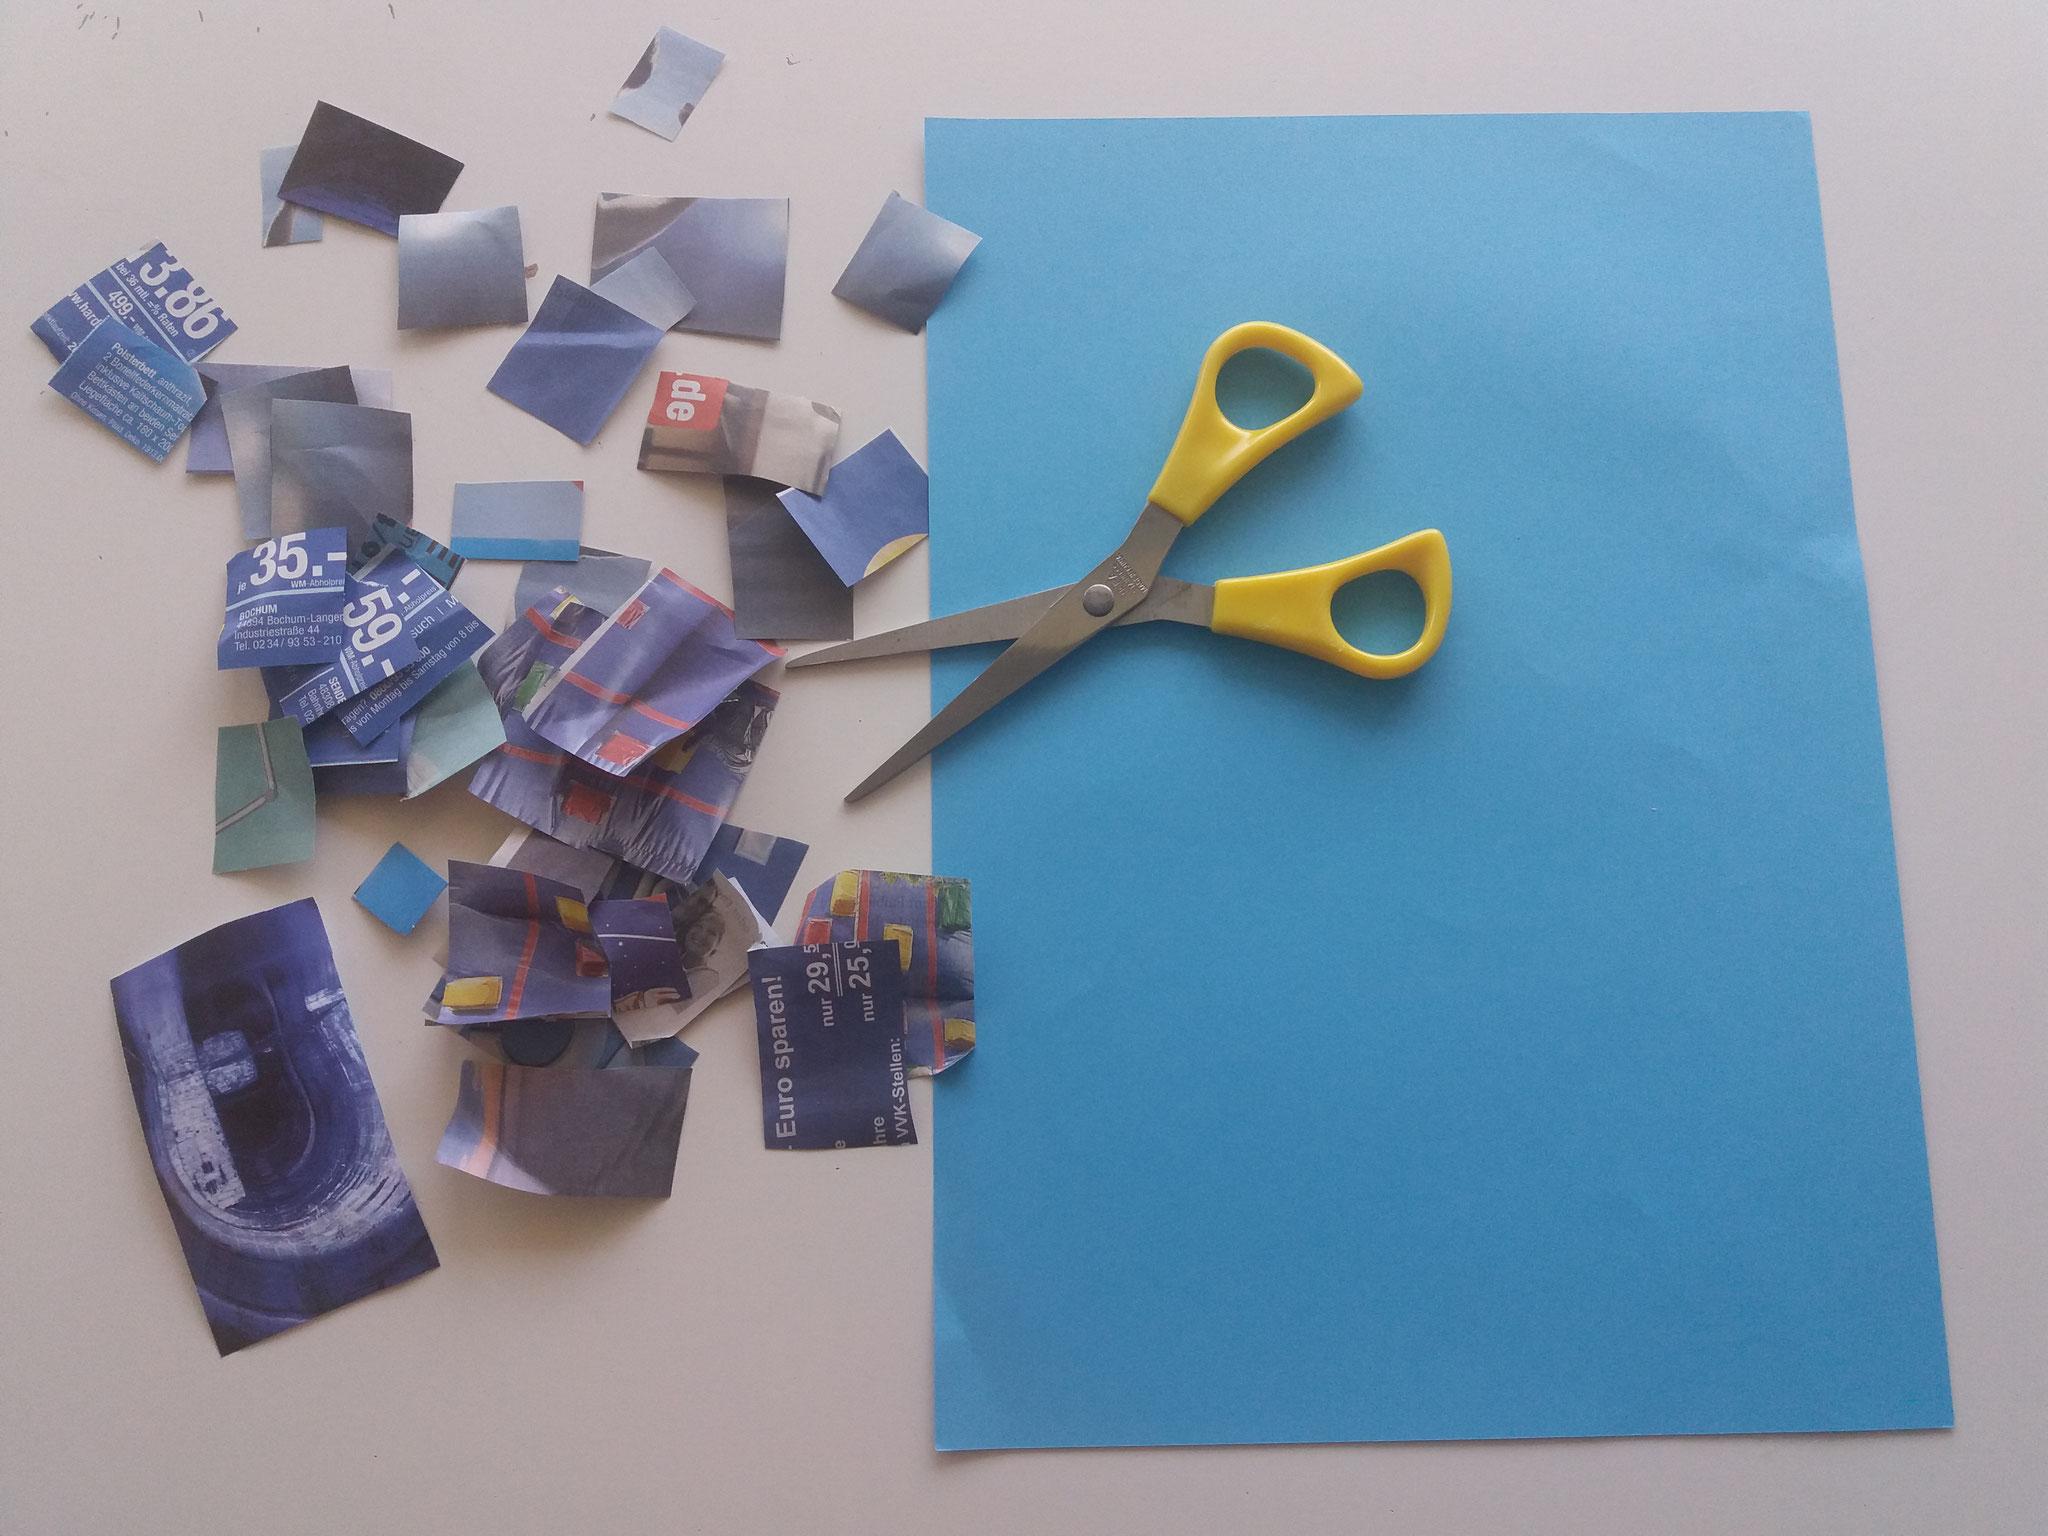 Ein blaues Blatt als Hintergrund und rechteckige blaue Schnipsel aus Prospekten (Luftballons - www.philipus-education.com)